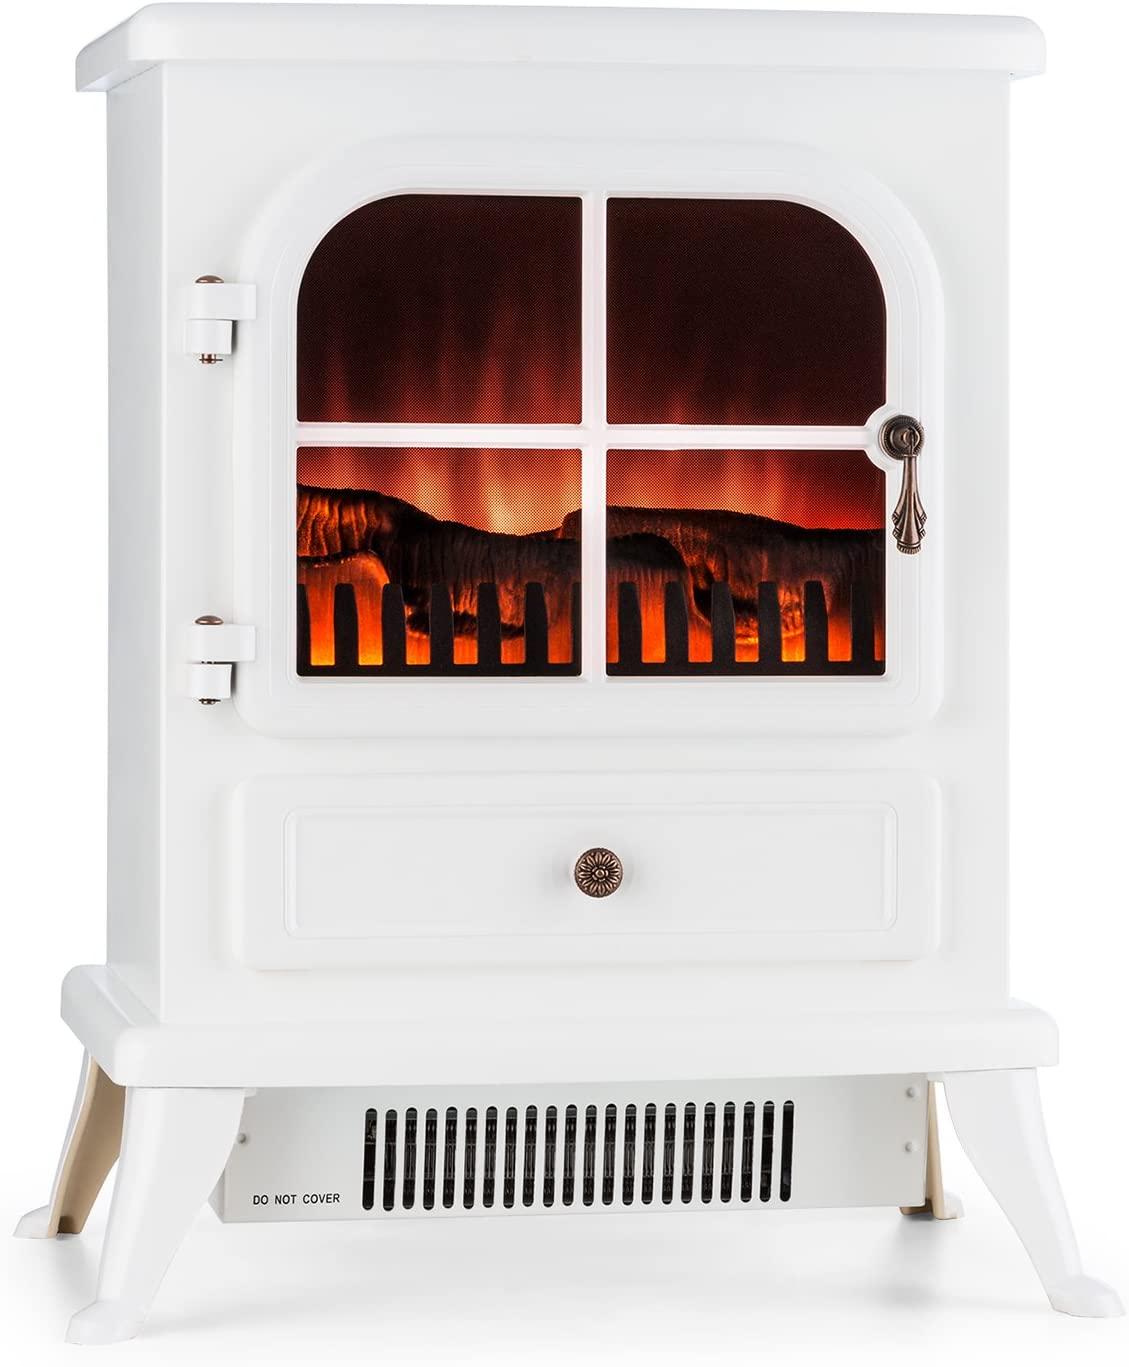 Klarstein St. Moritz - Chimenea eléctrica Virtual, Calefactor, Calefacción, Sistema Independiente de Calefactor, 1850W, 2 Niveles, Termostato, Libre de Fuego y Humo, Blanco